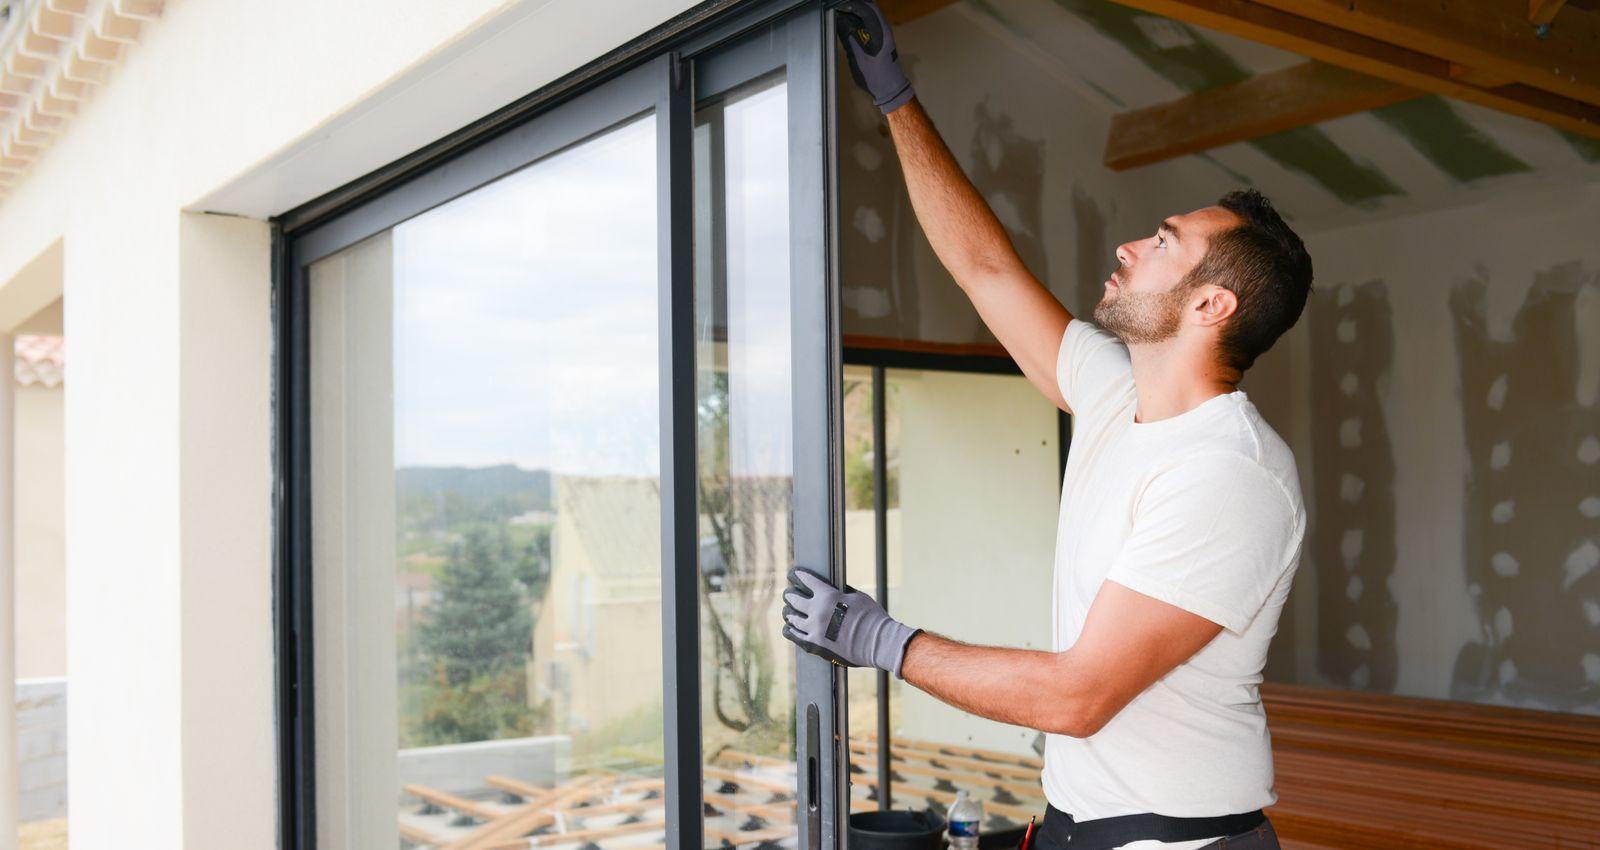 Par qui passer pour poser des fenêtres alu ?